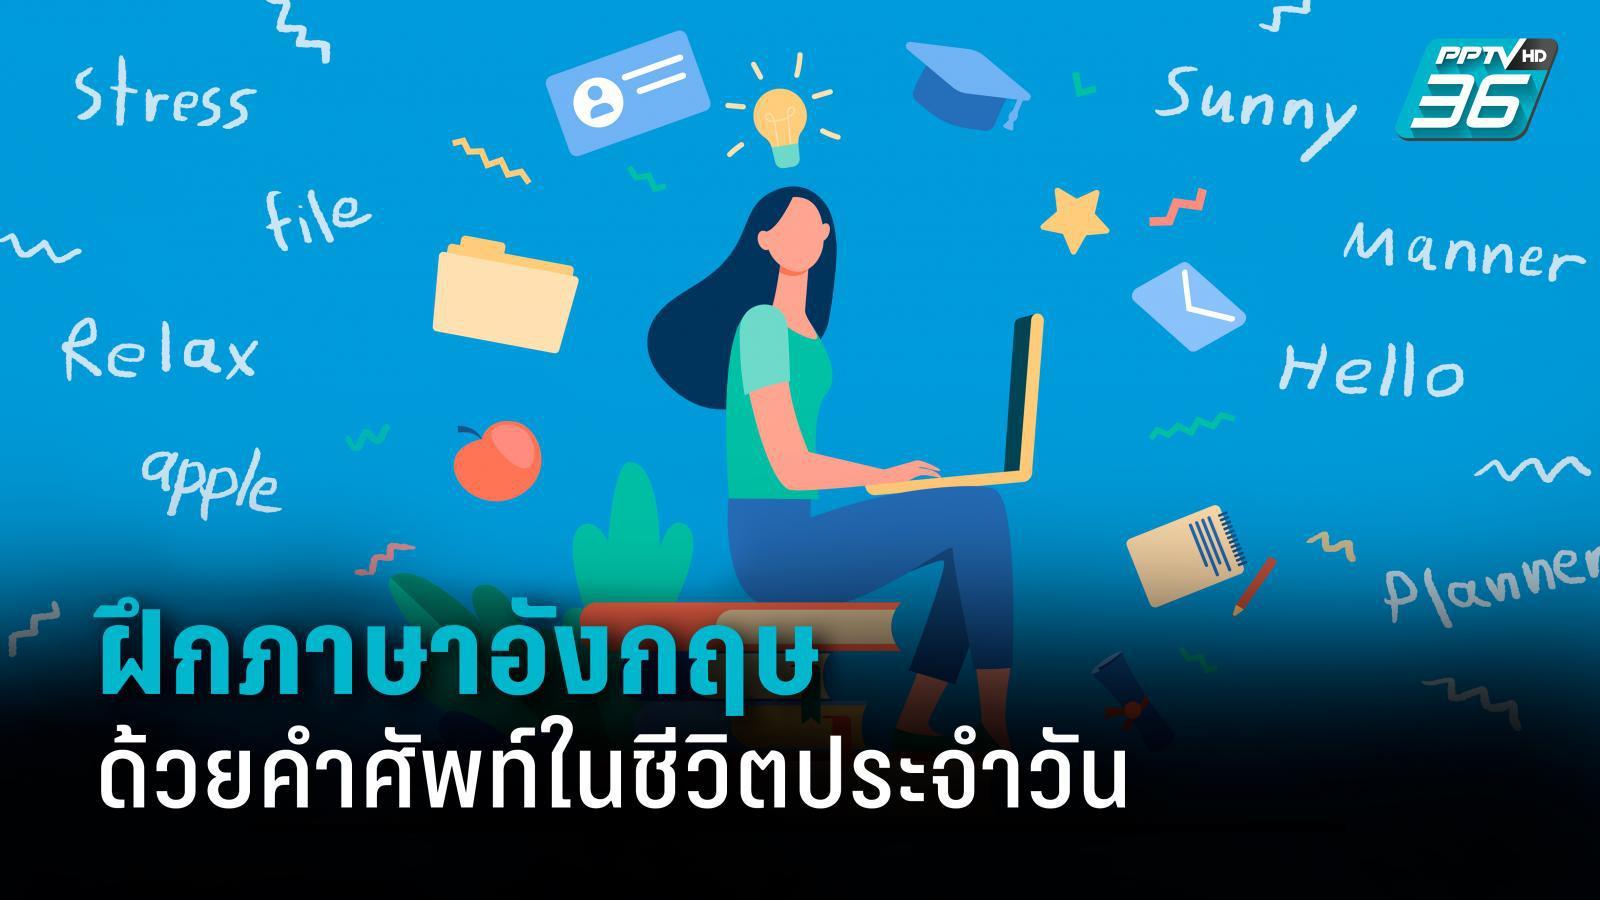 ฝึกภาษาอังกฤษด้วยคำศัพท์ในชีวิตประจำวัน พร้อมยกตัวอย่างประโยคสนทนาให้ฝึก ฟัง พูด อ่าน แบบจัดเต็ม